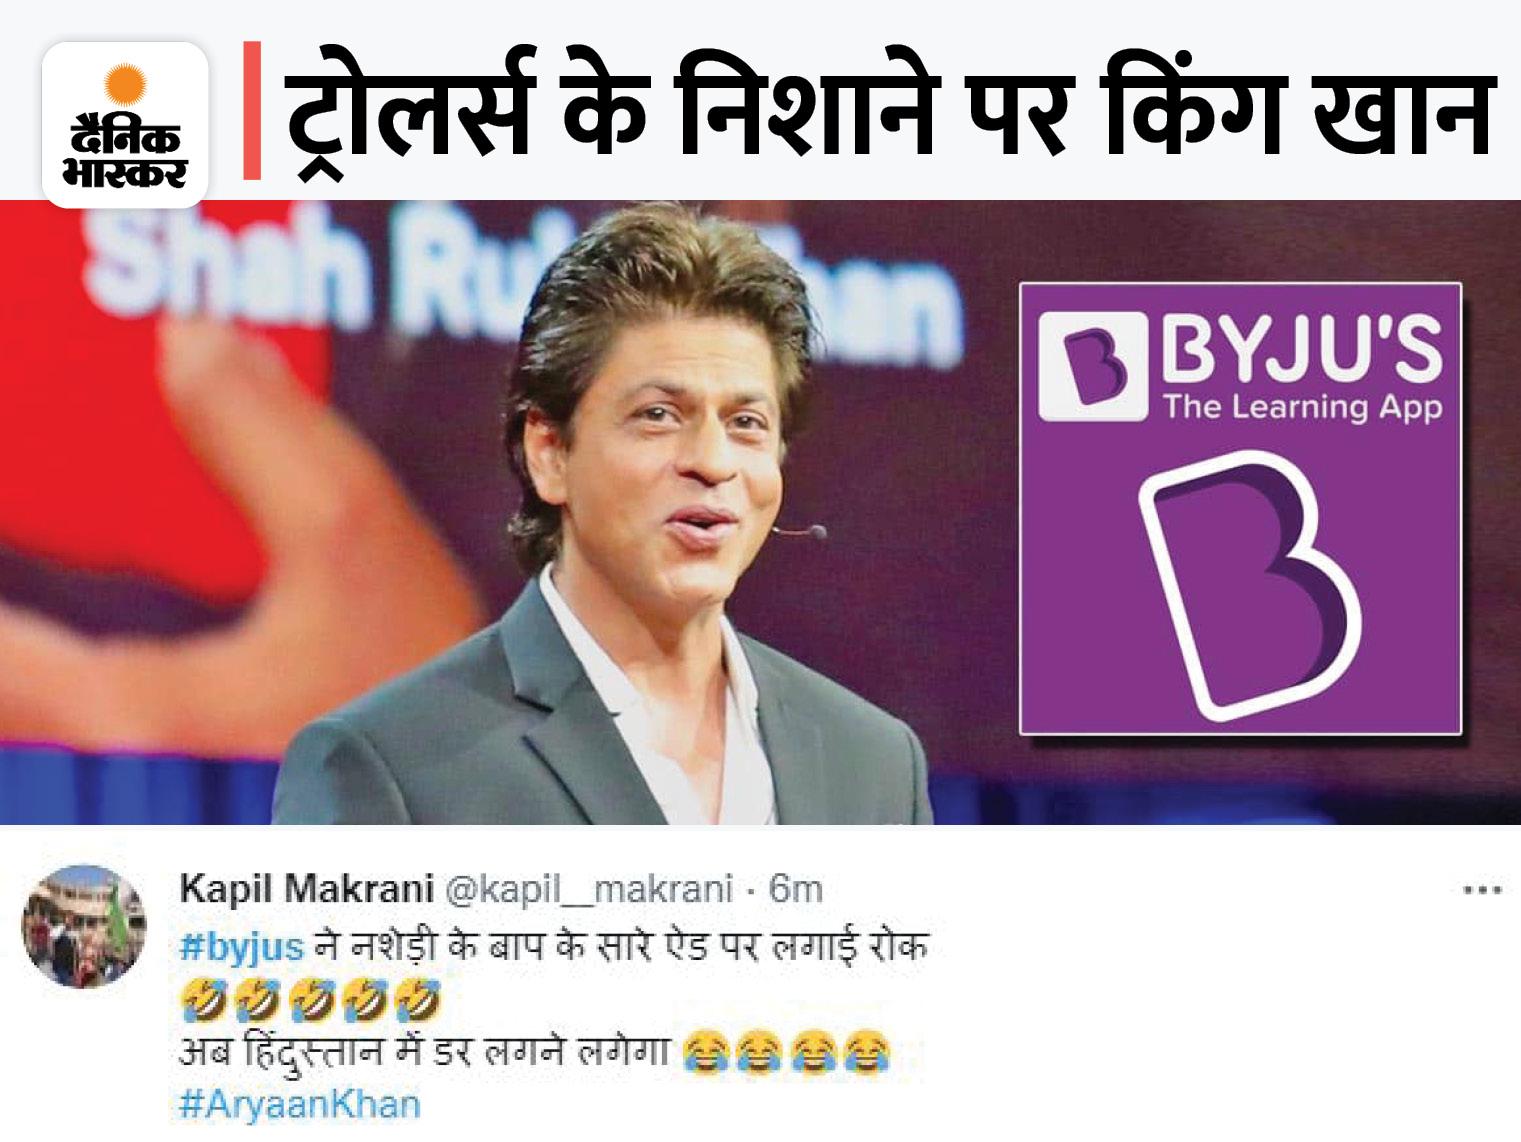 आर्यन खान केस के बाद ट्रोल हुआ BYJU's, यूजर्स बोले- नशेड़ी के बाप के सारे ऐड बंद देश,National - Dainik Bhaskar